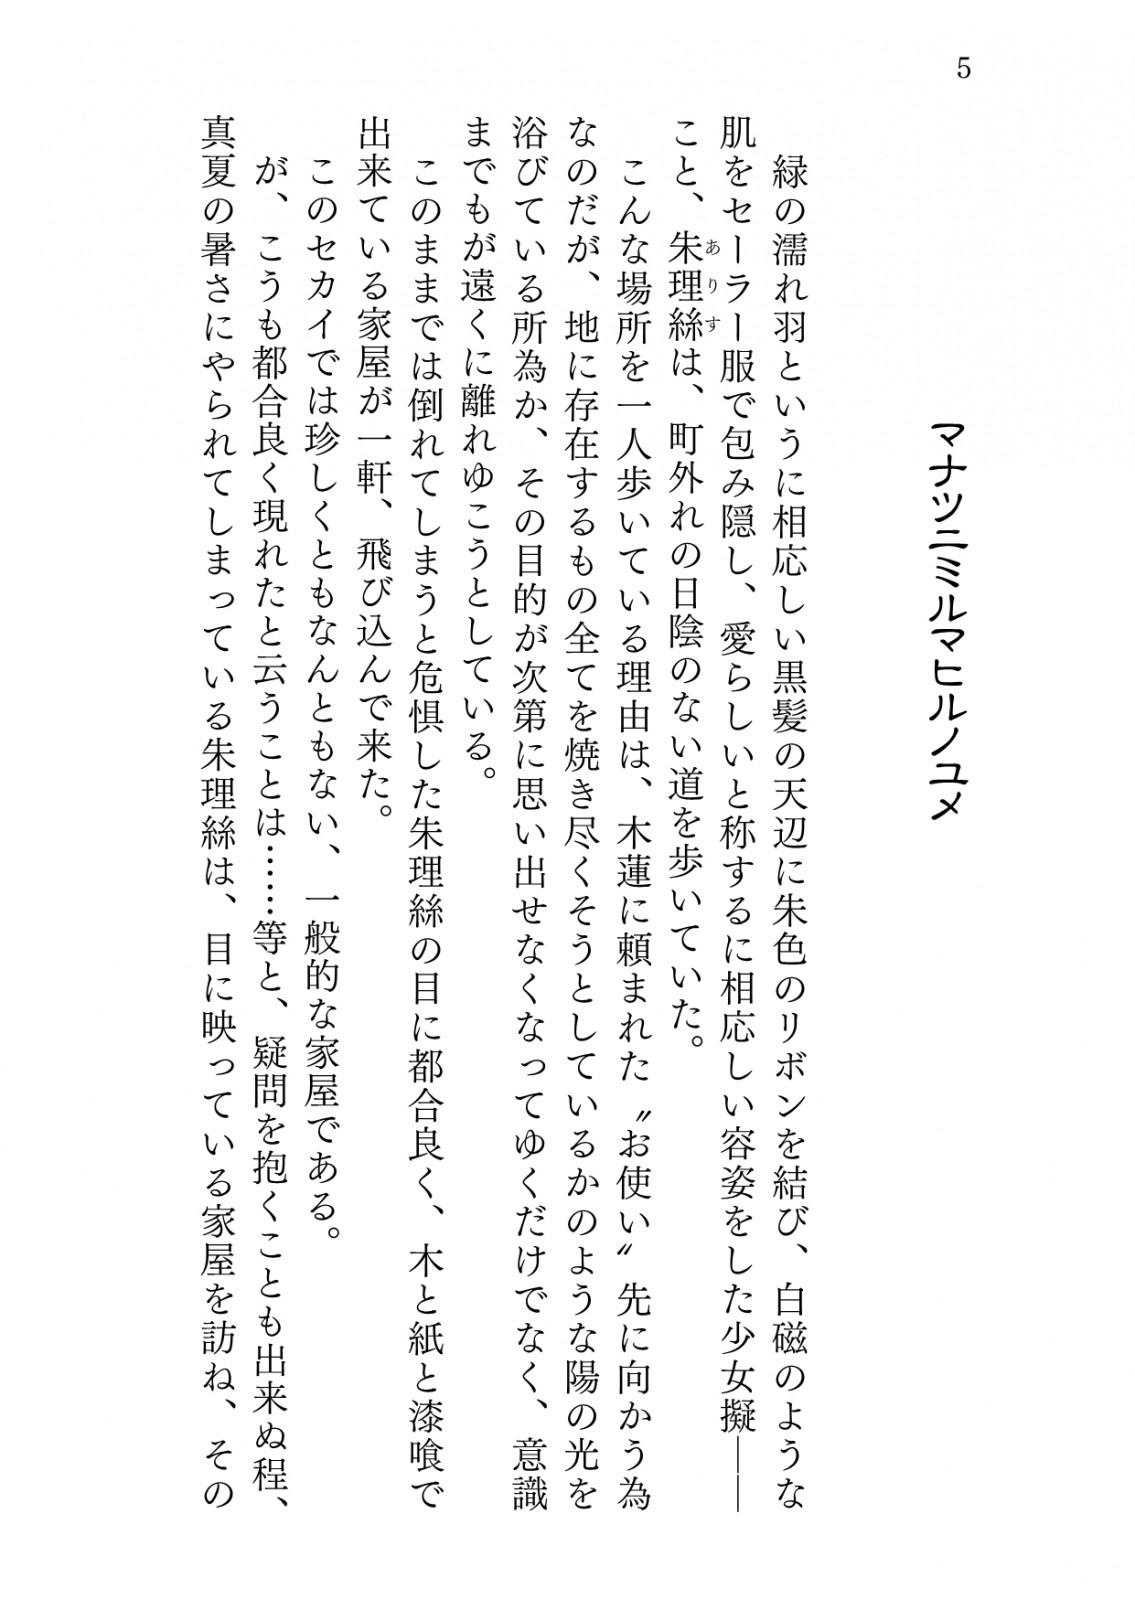 マナツニミルマヒルノユメのサンプル画像2